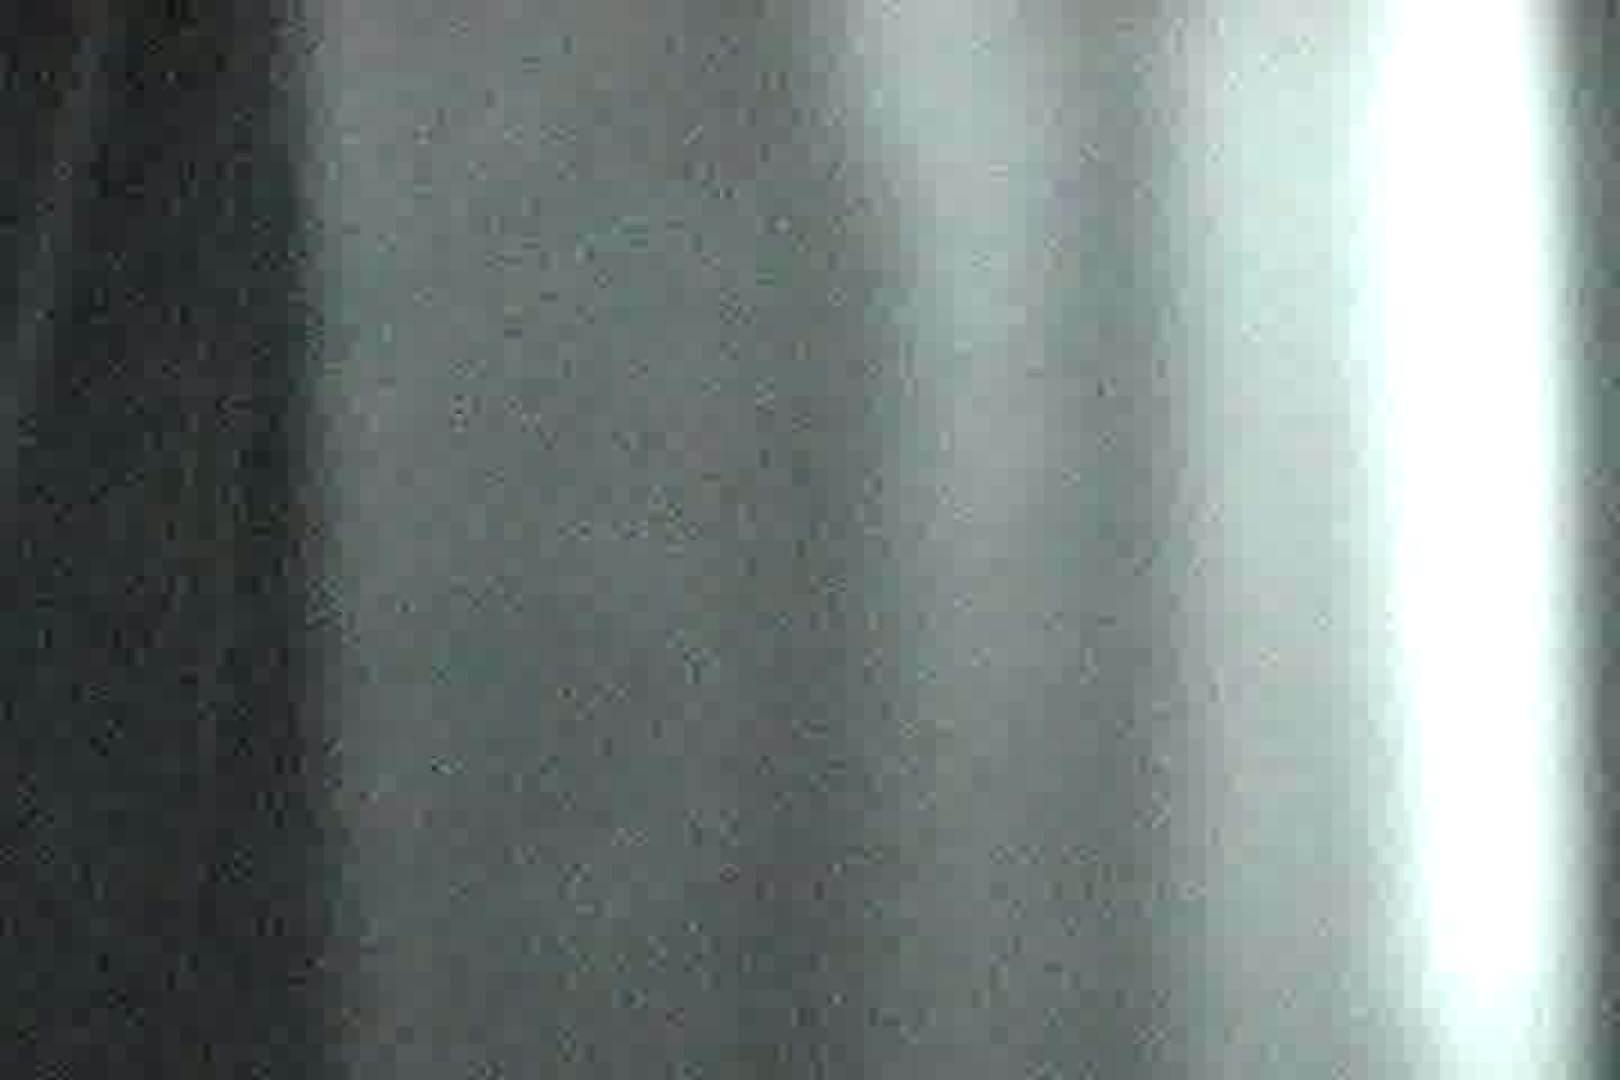 充血監督の深夜の運動会Vol.2 車 盗み撮り動画キャプチャ 69画像 43